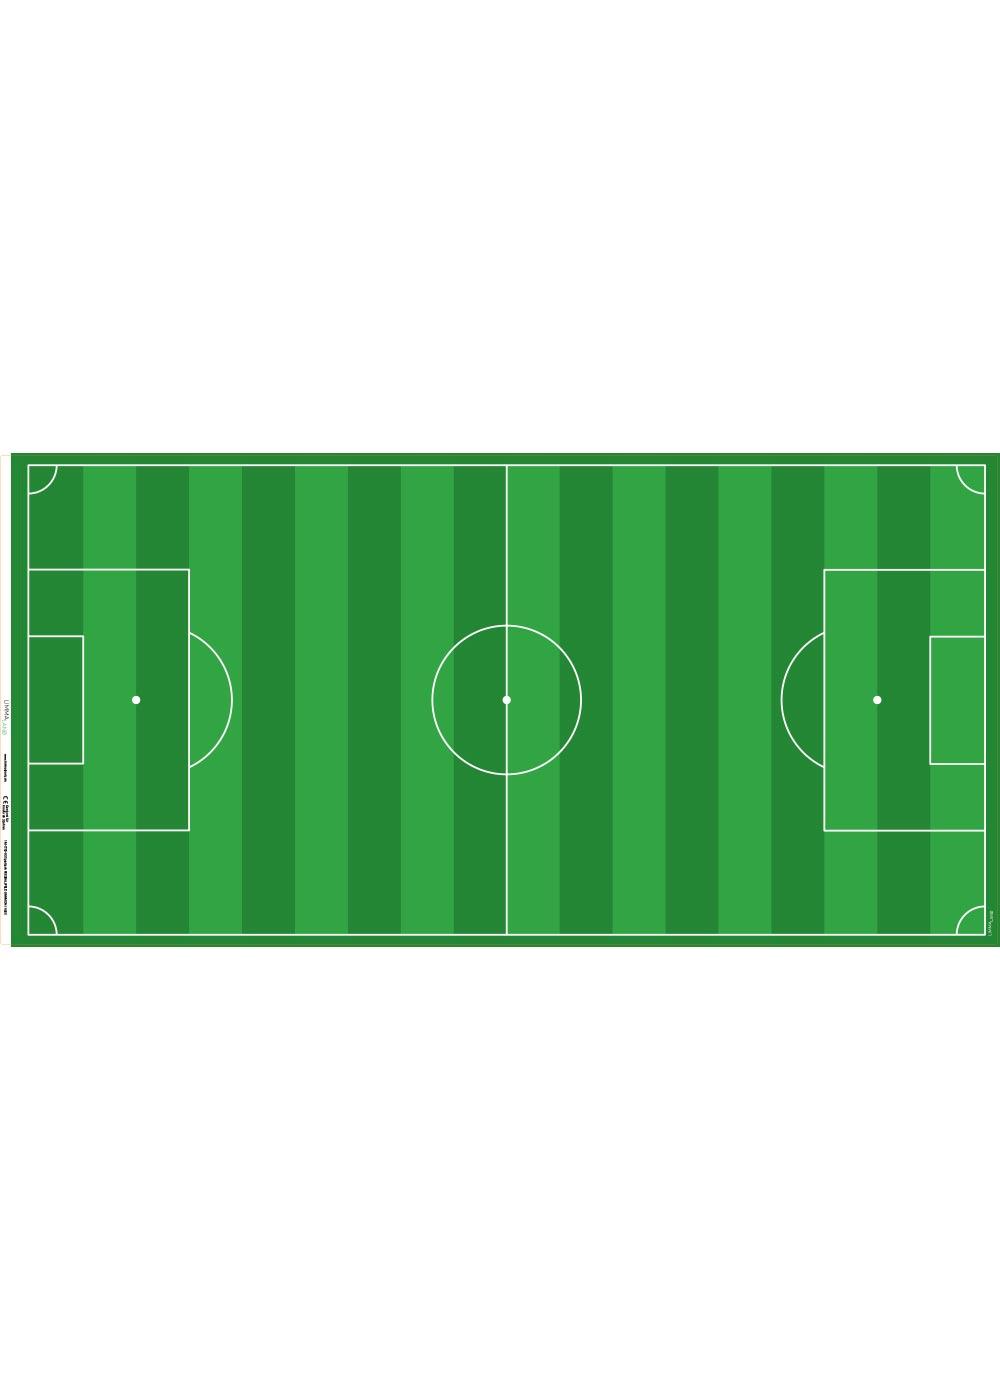 Ikea Linmon Alex Kinderschreibtisch Fussballfeld grün Druckvorlage